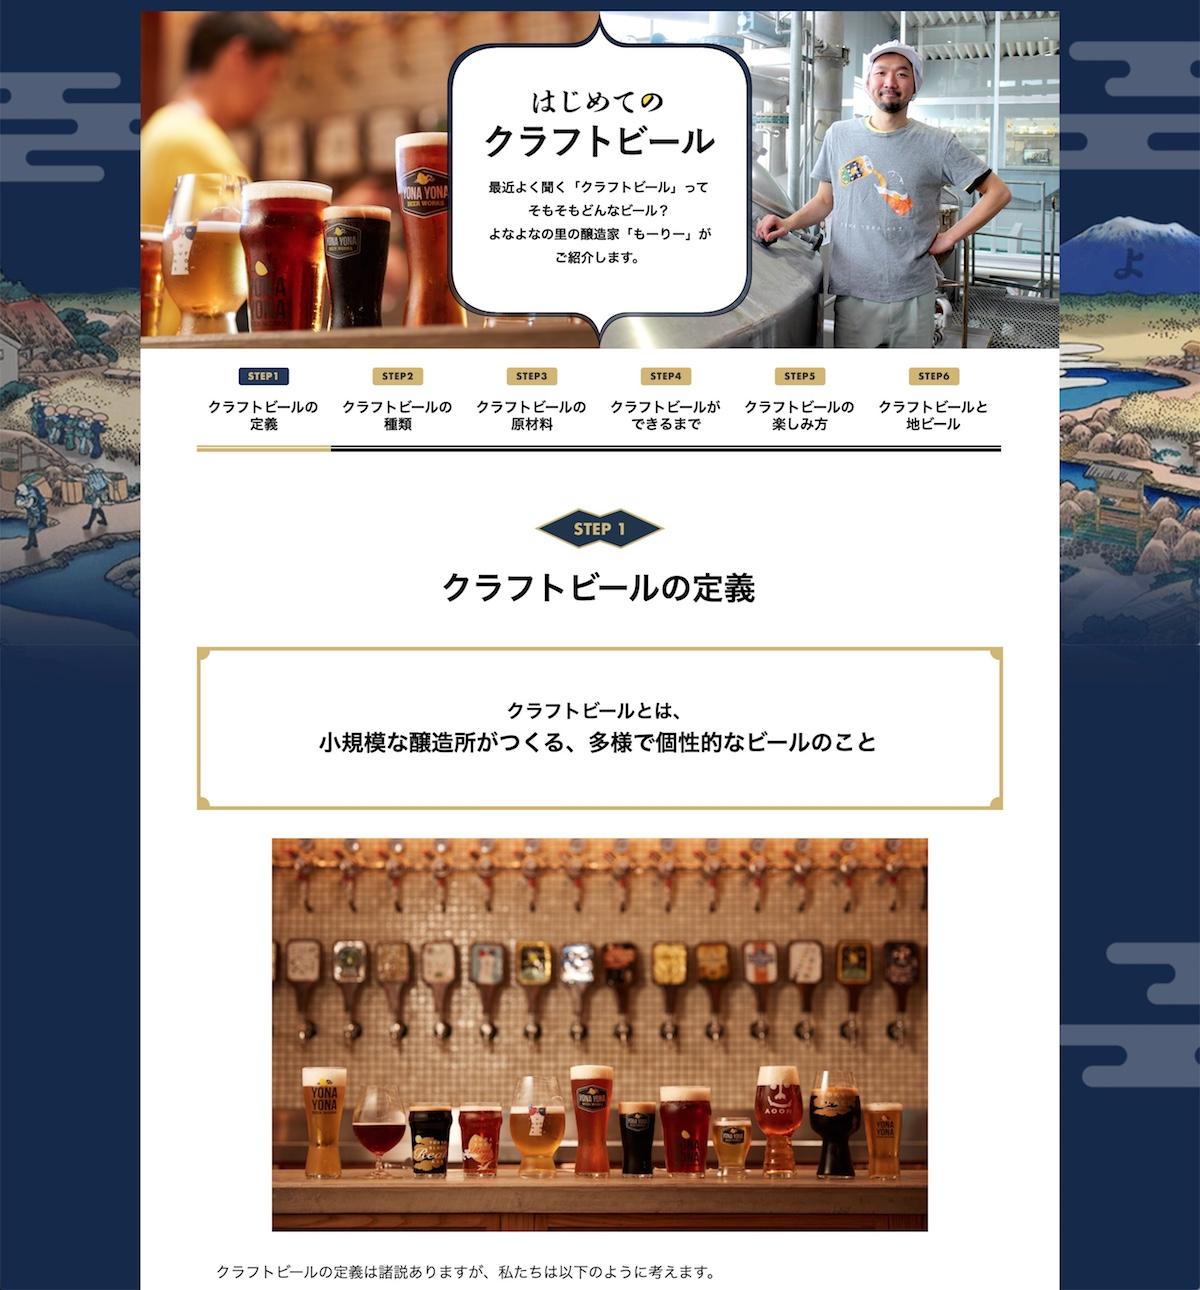 23.Re.はじめてのクラフトビール.jpg